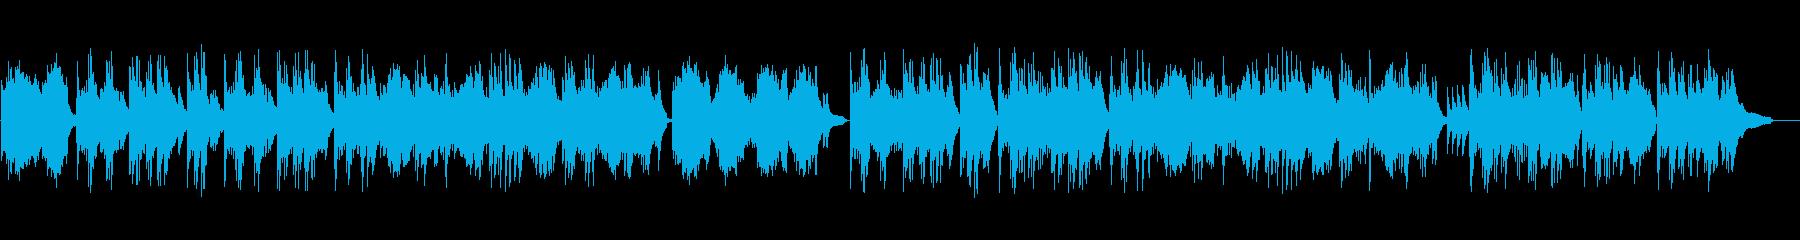 ロマンチックなバラード:ピアノソロの再生済みの波形